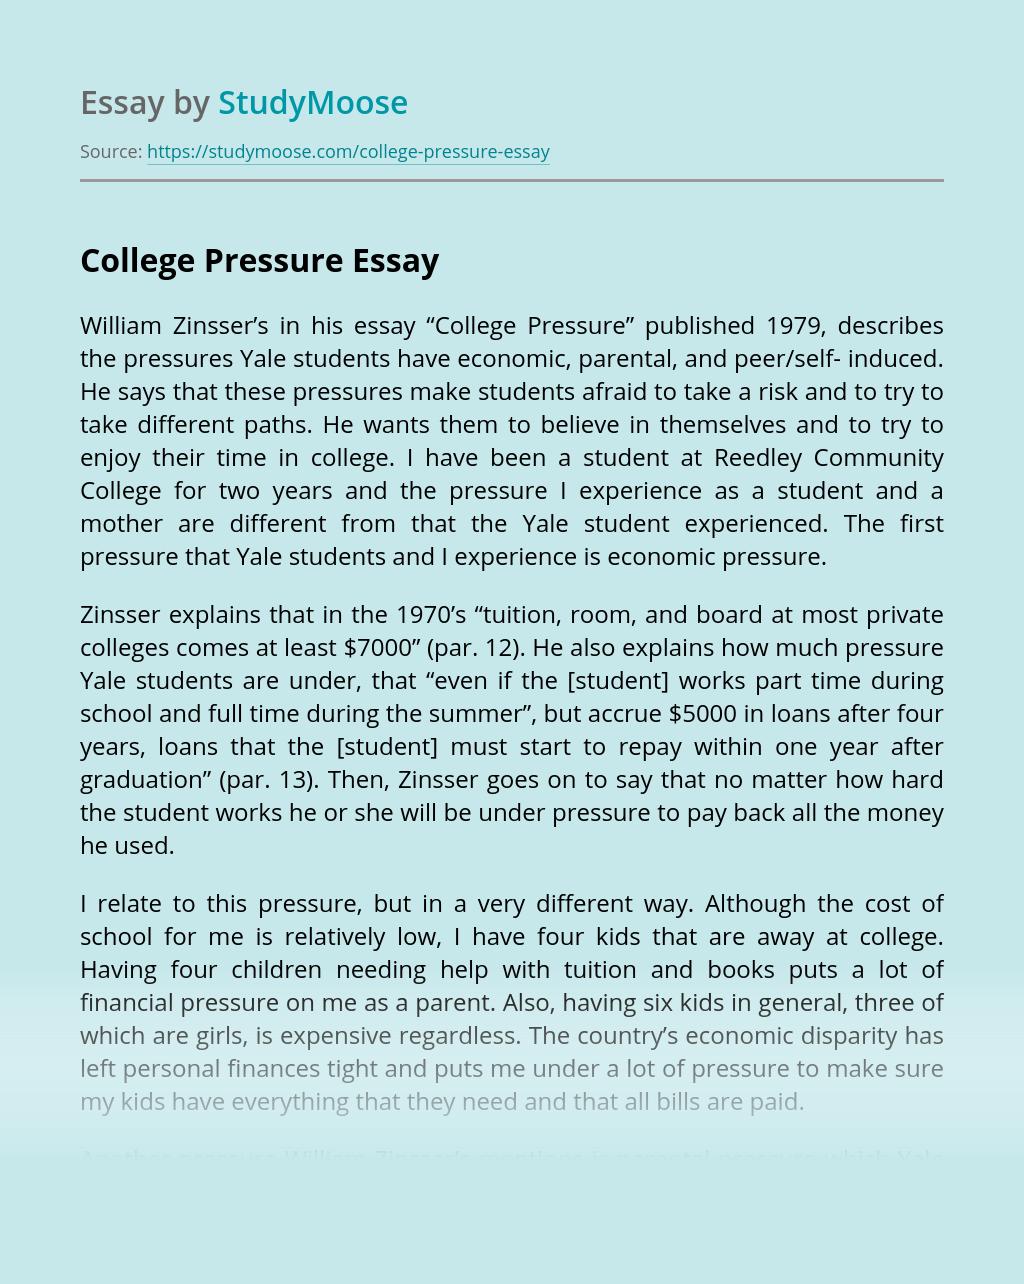 College Pressure